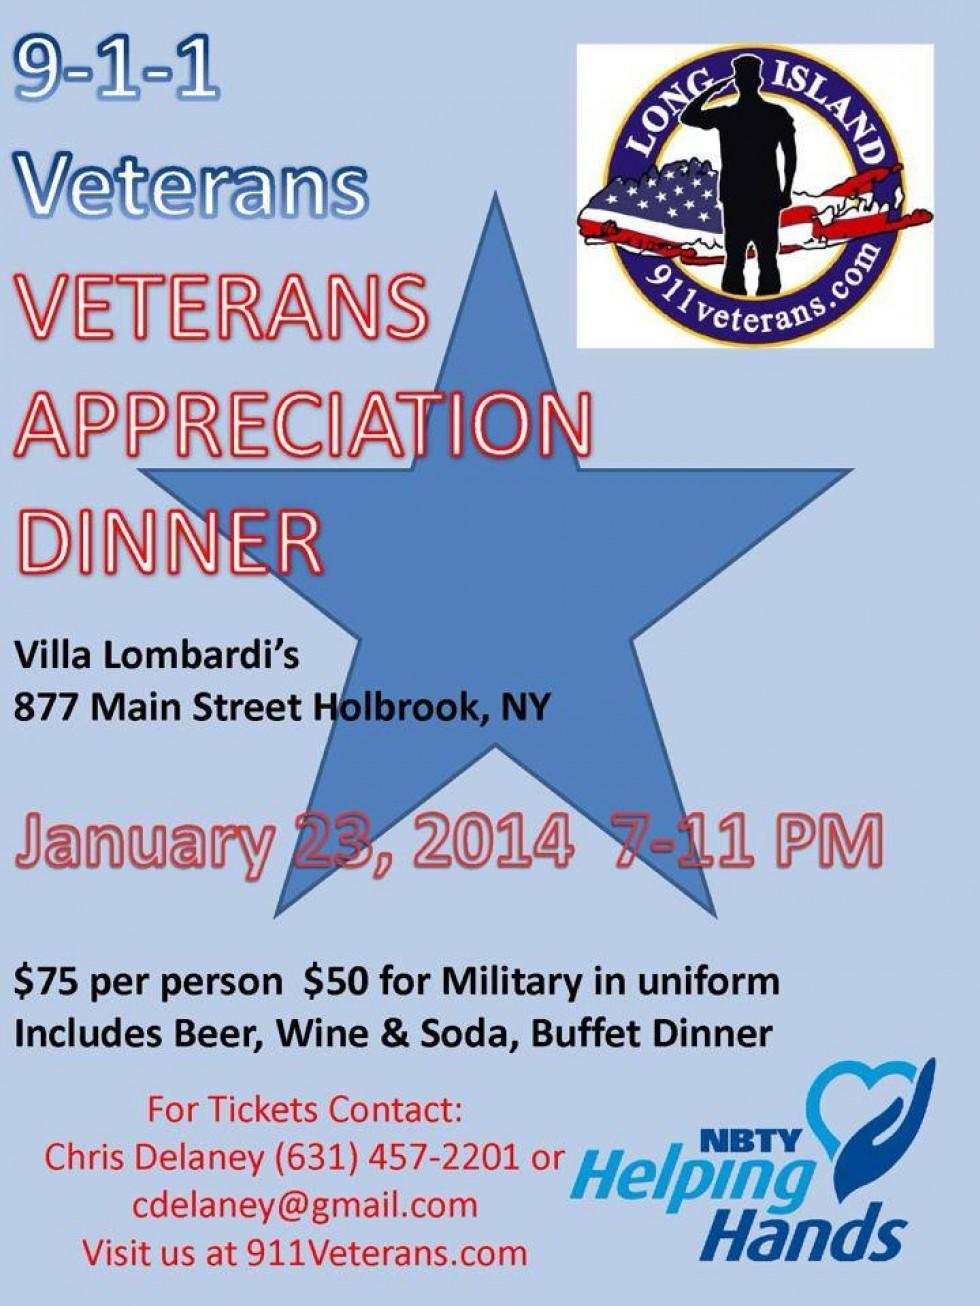 9-1-1 Veterans Appreciation Dinner